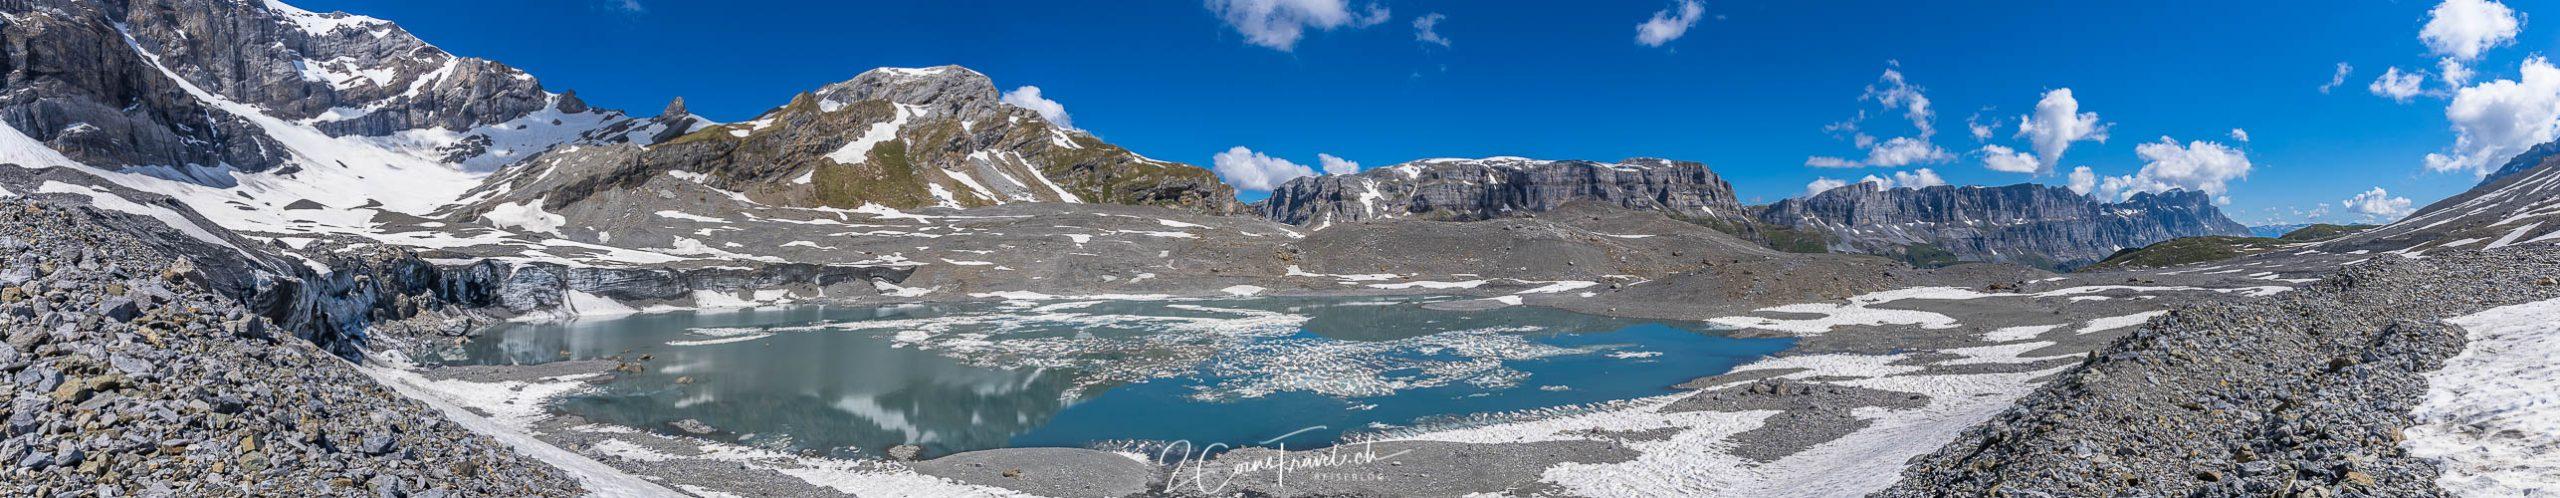 Gletschersee Griesslisee